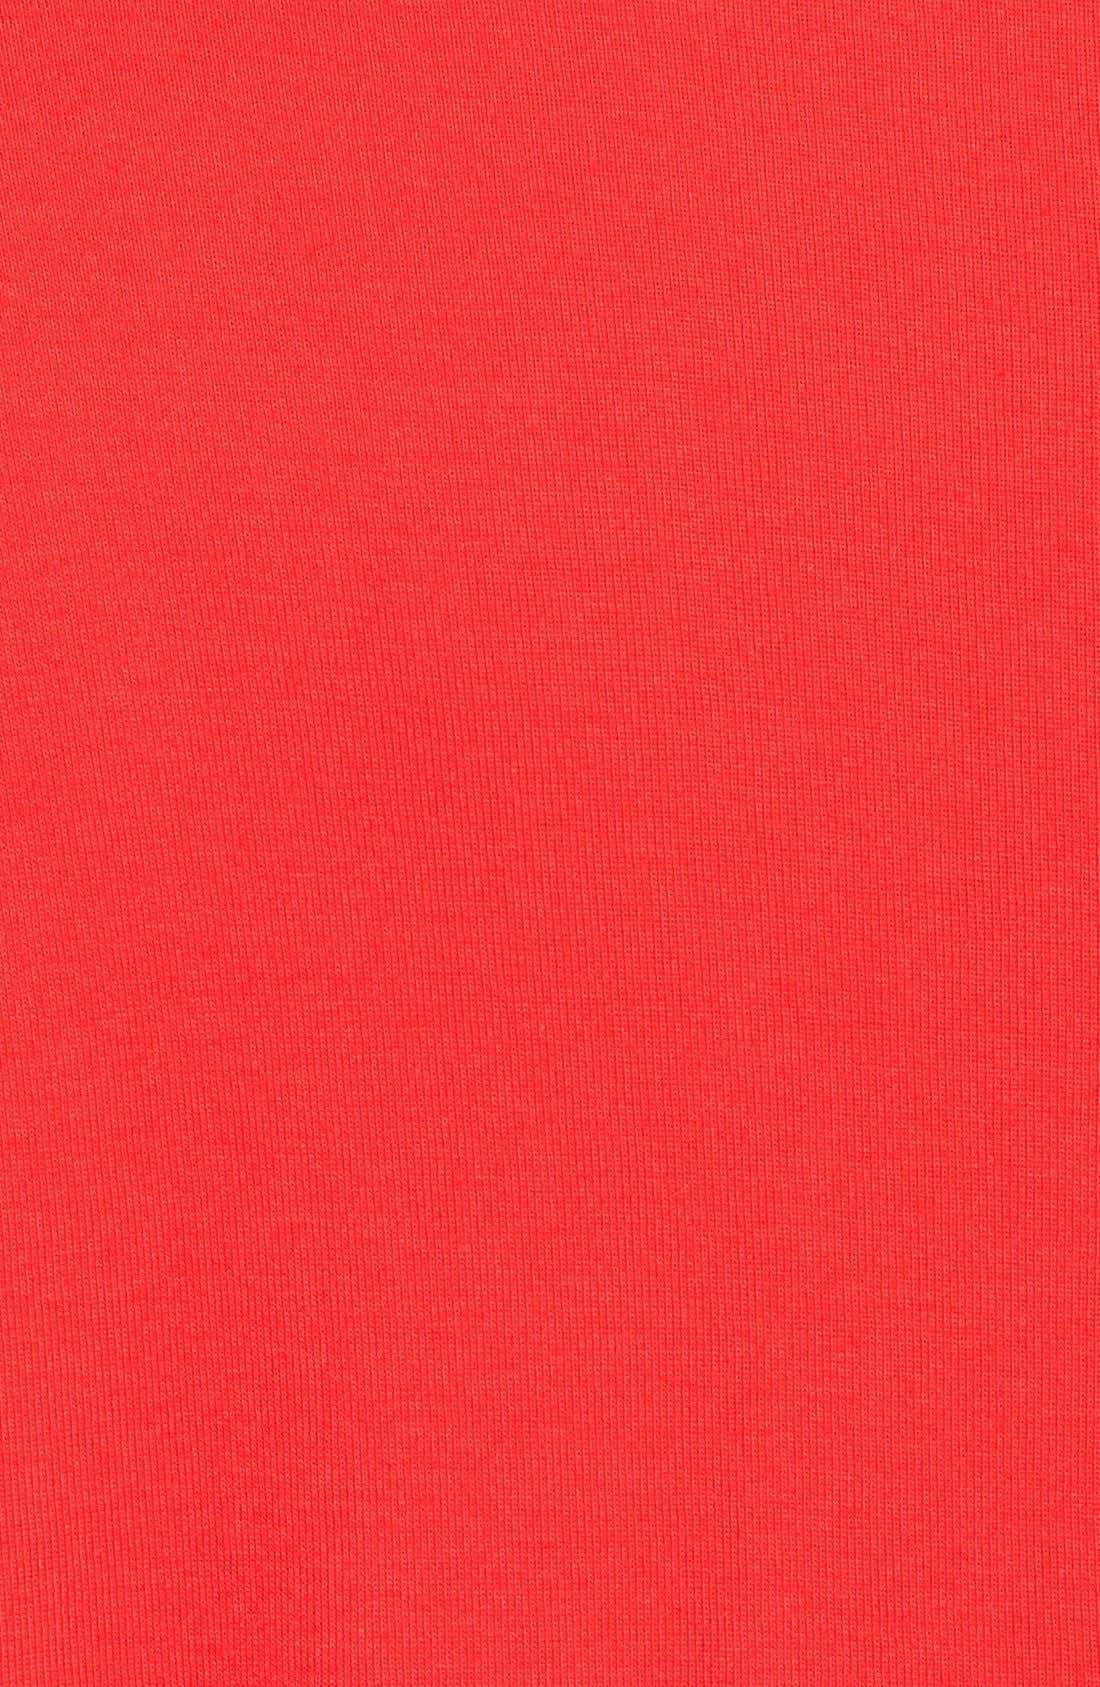 Short Sleeve V-Neck Tee,                             Alternate thumbnail 166, color,